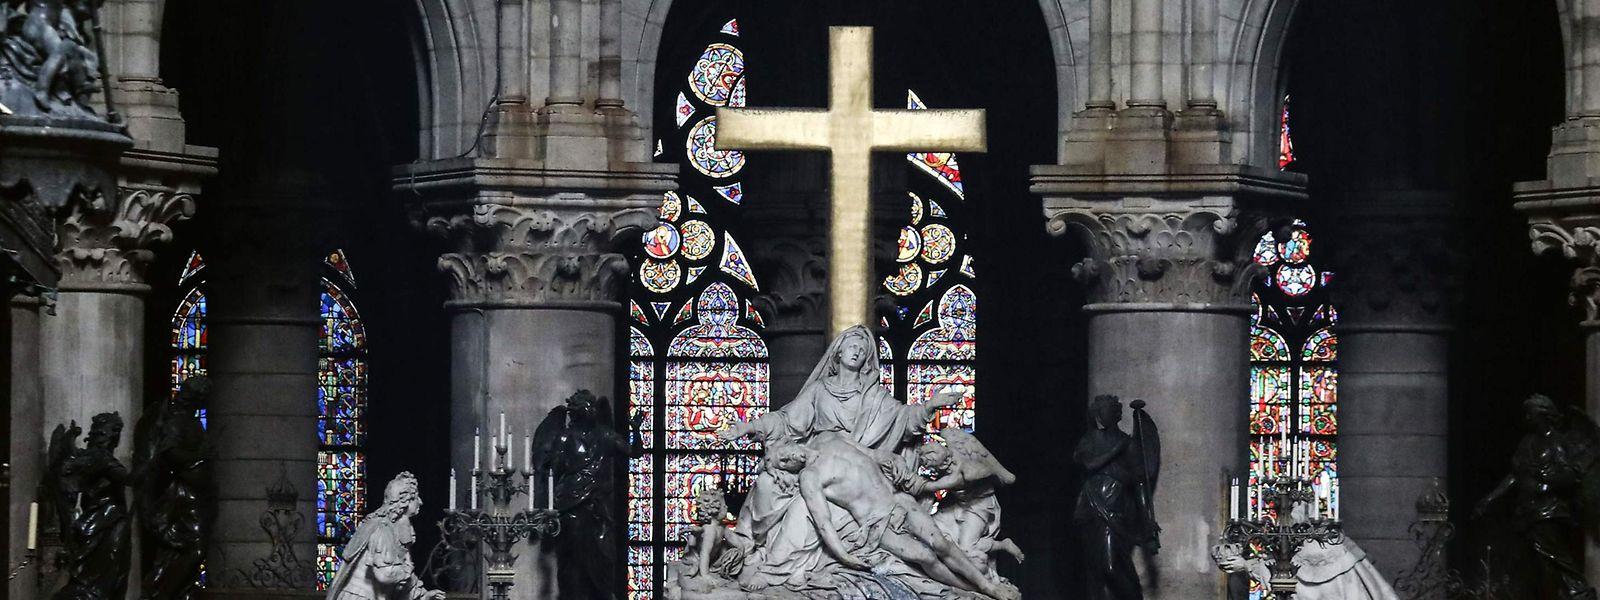 Symbolträchtig: Das goldene Kreuz als Überbleibsel der Katastrophe in Notre-Dame de Paris.